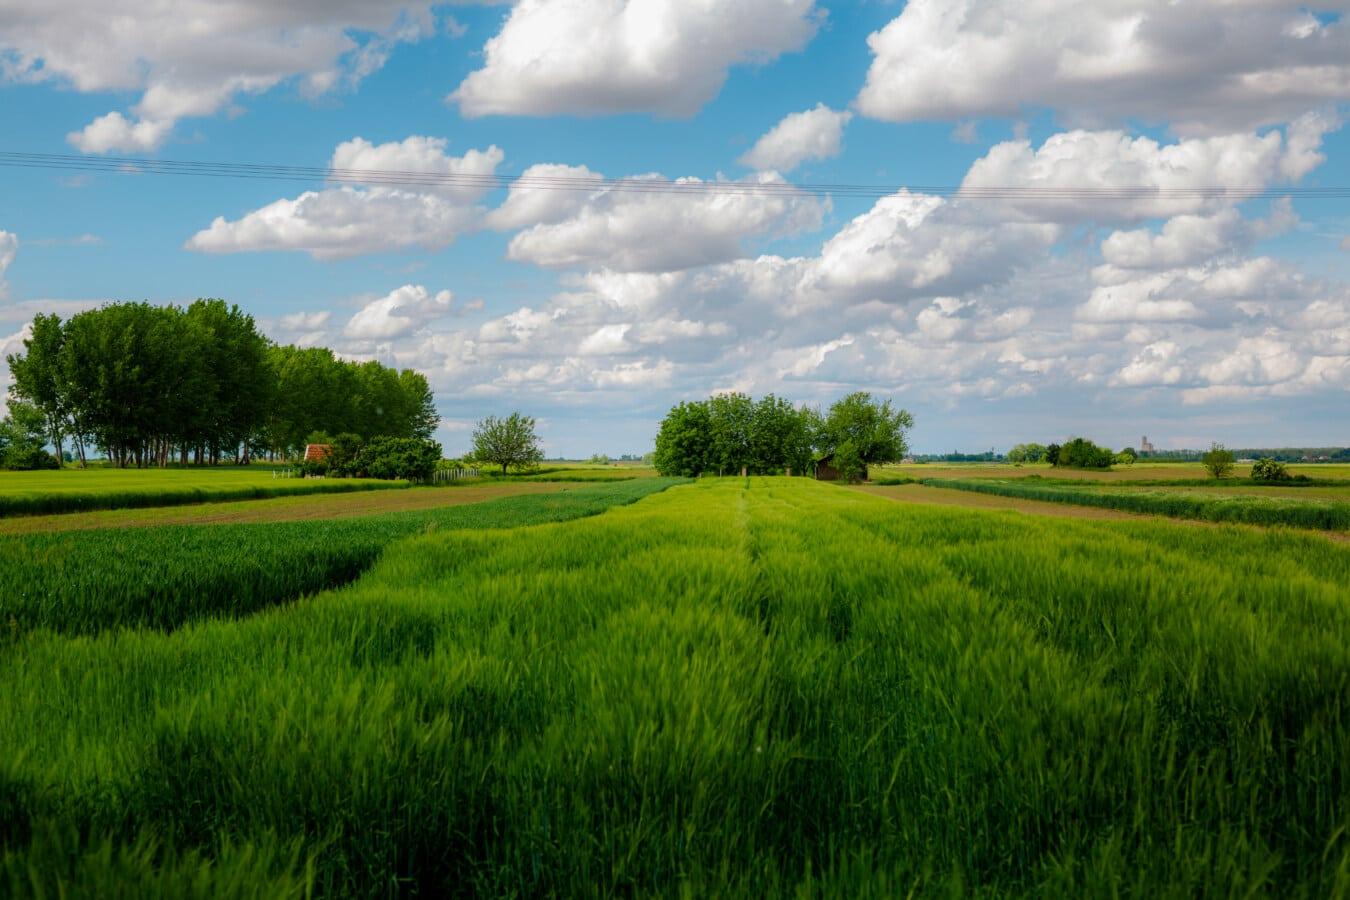 feltet, landbruket, Wheatfield, grønt gress, atmosfære, idyllisk, landbruk, gresset, landskapet, hvete